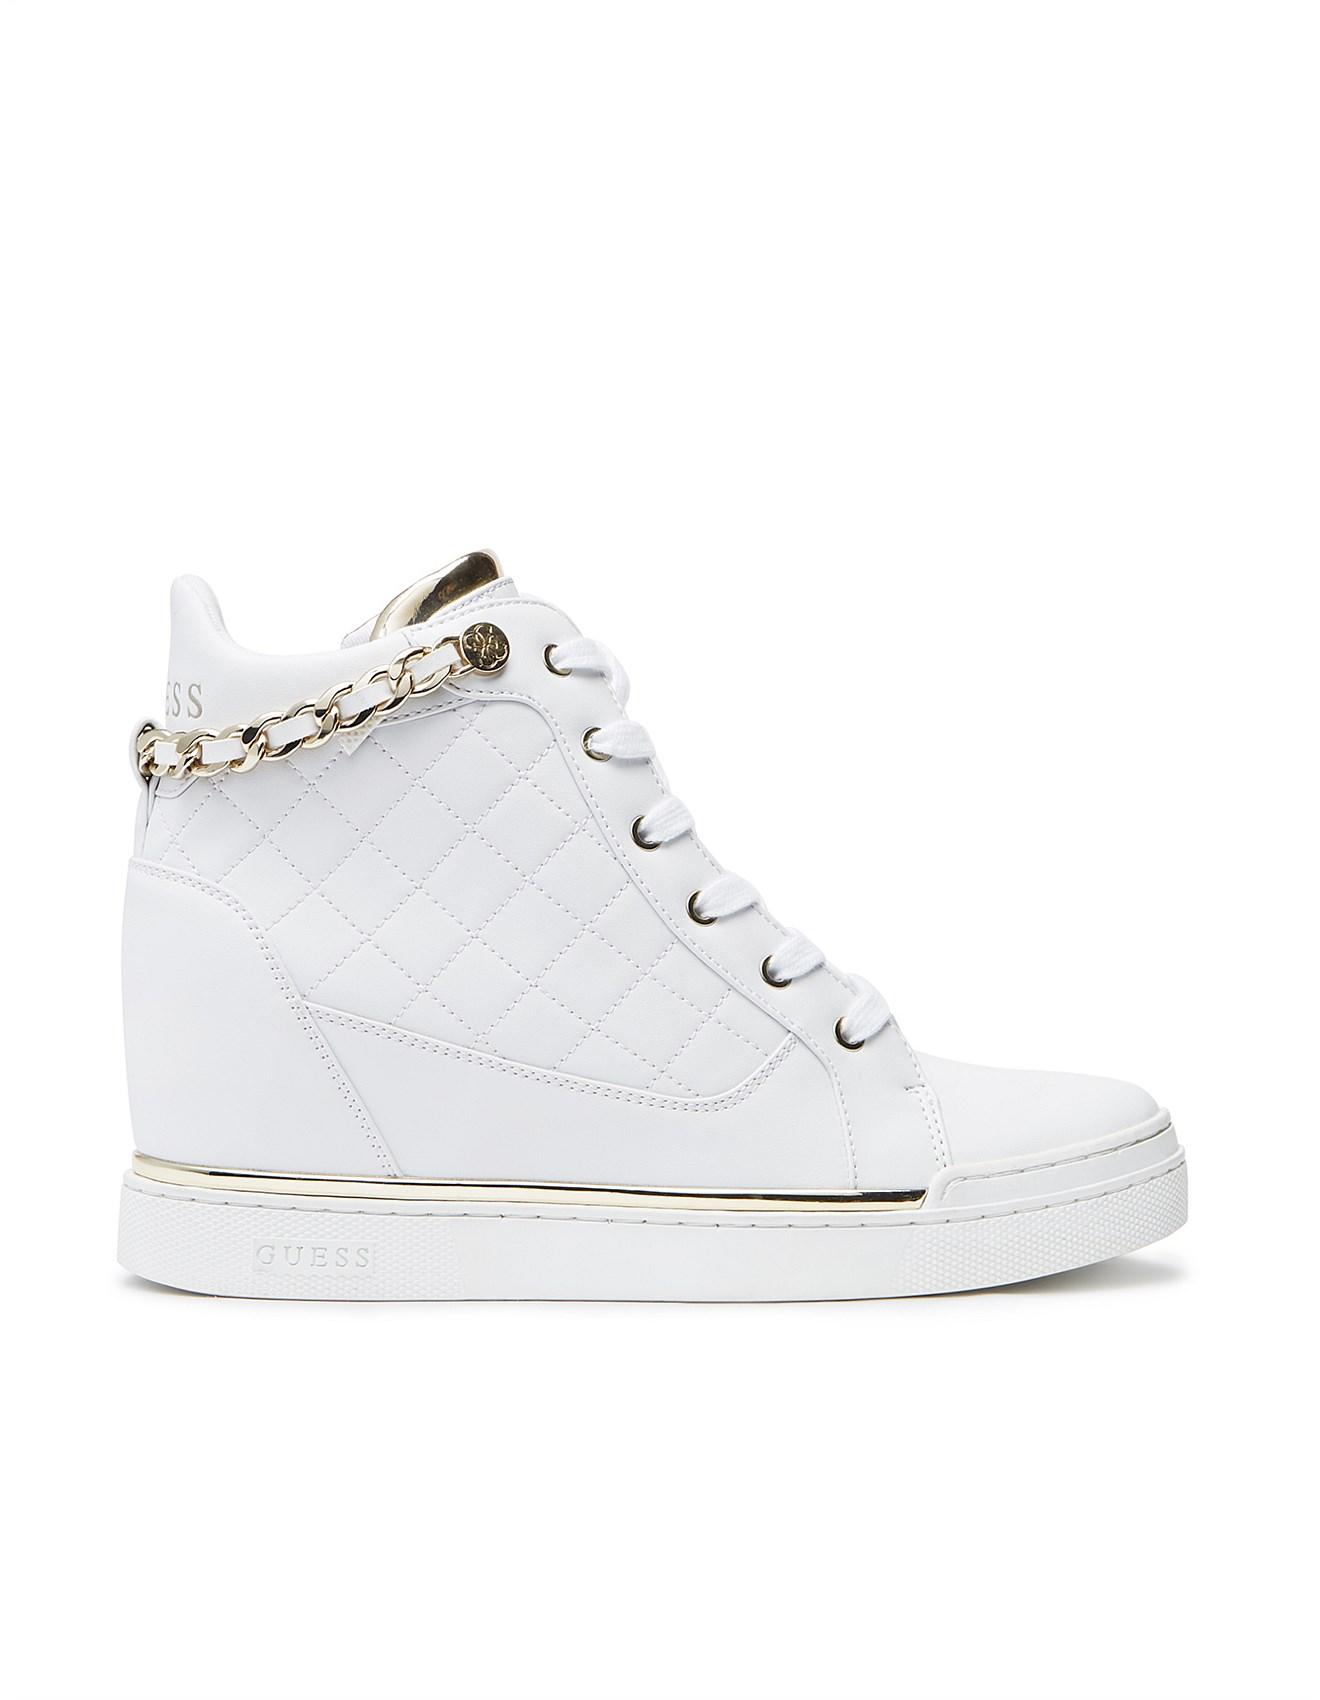 David Jones - Guess Sneaker